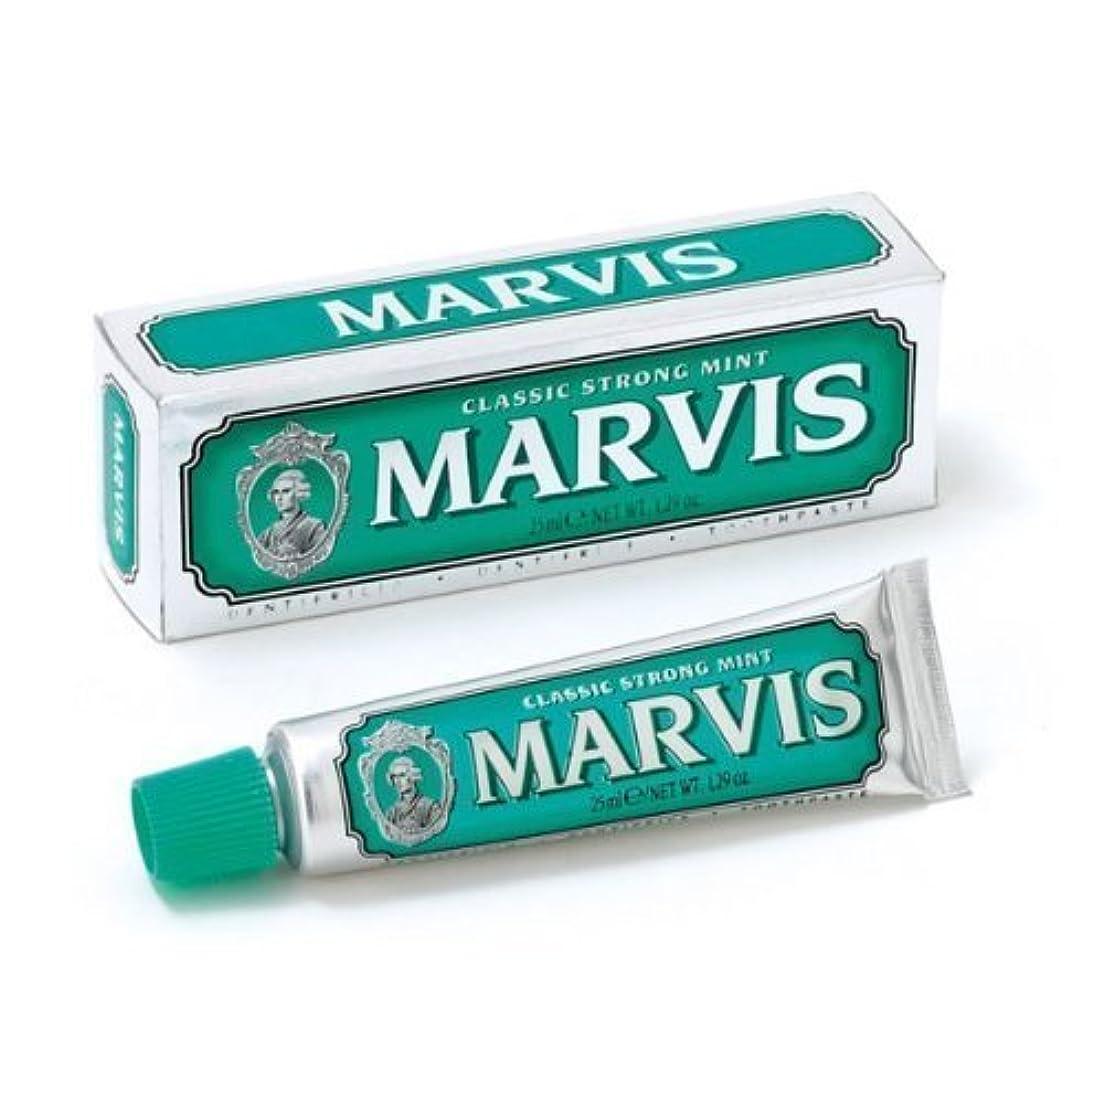 振る舞い決めますラベンダーMarvis Toothpaste - Classic Strong Mint 25ml Travel Size - 4 PACK by Marvis [並行輸入品]